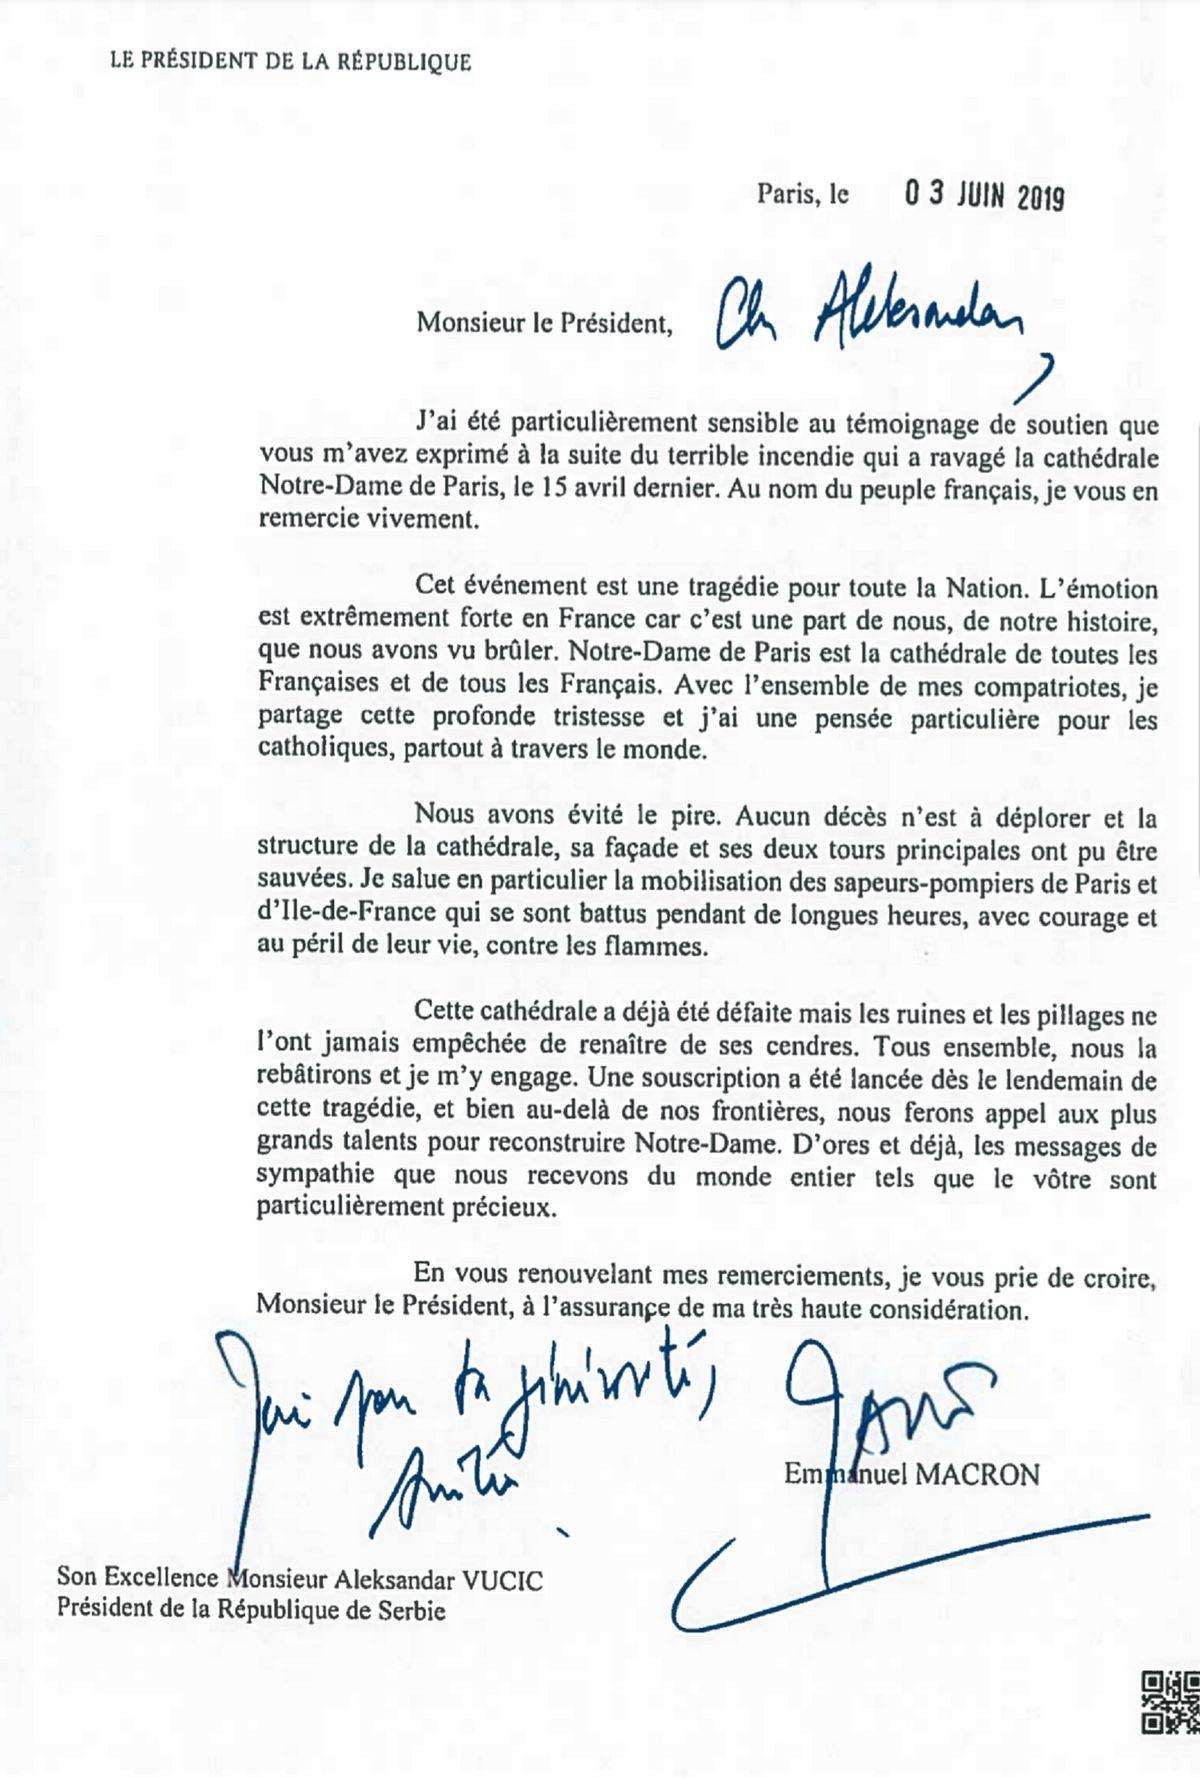 Писмо председника Француске Републике